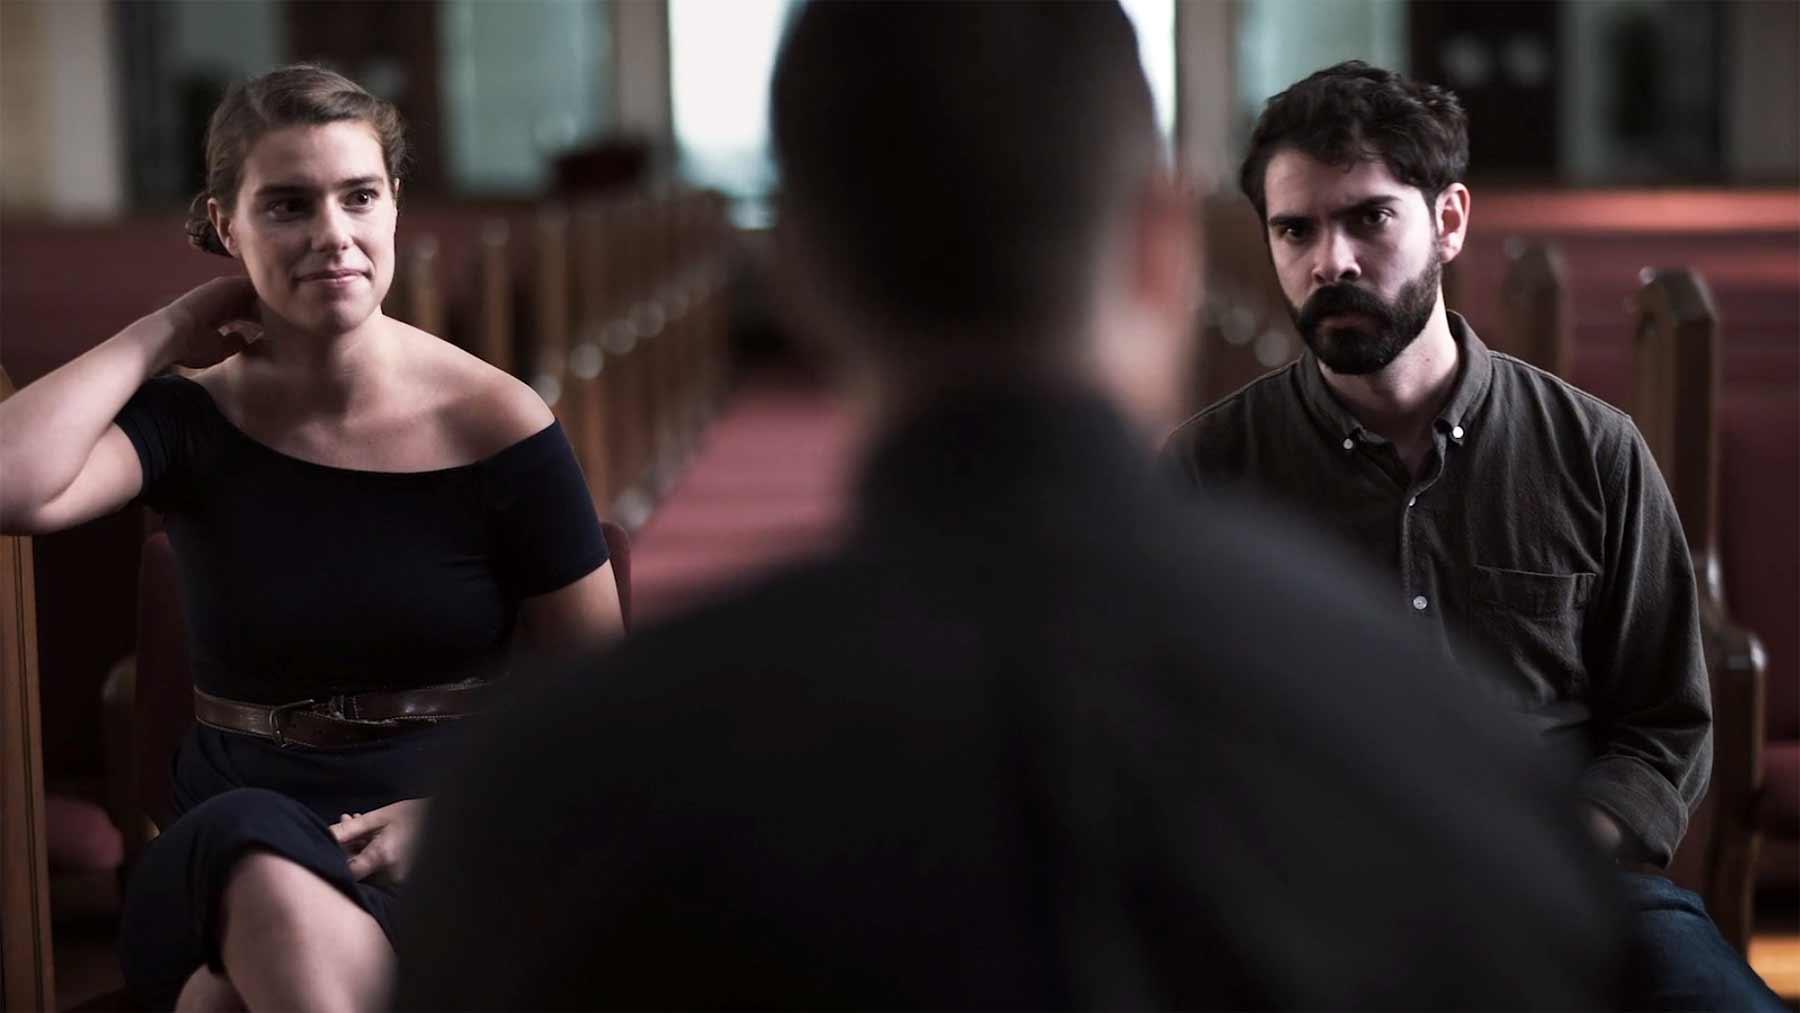 Ein verlobtes Paar beim etwas zu intimen Priester-Gespräch